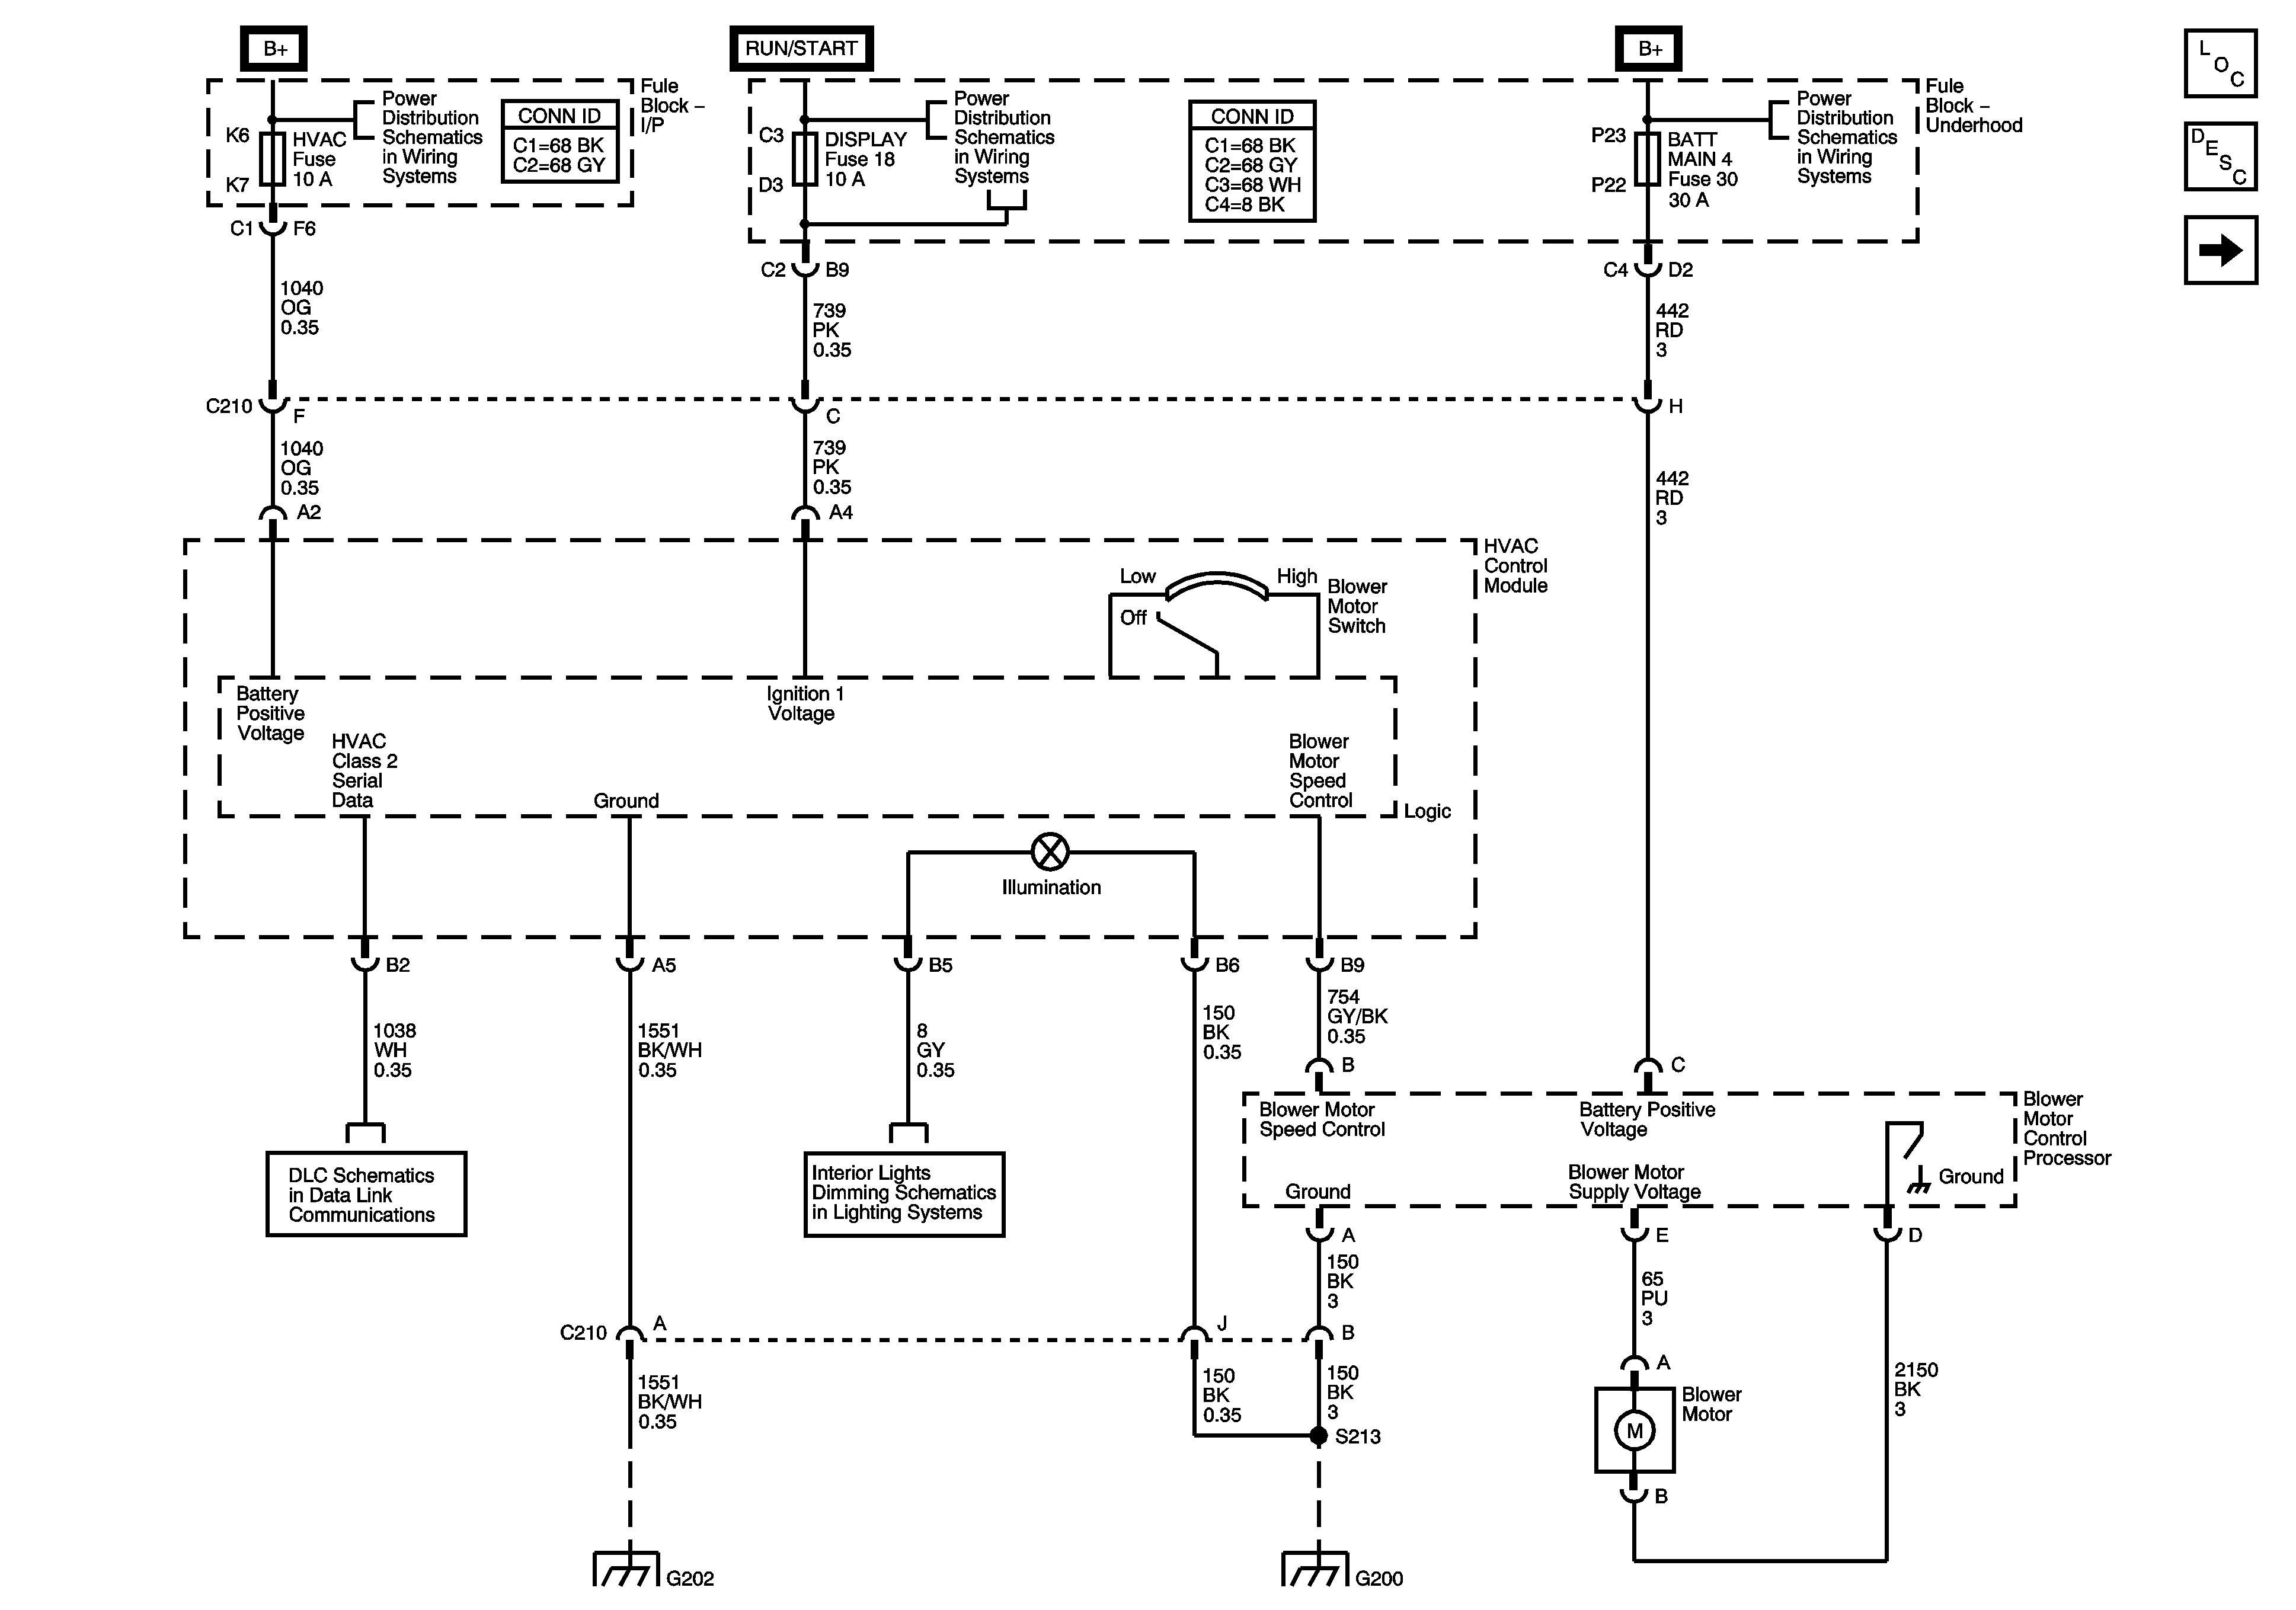 2006 Pontiac Grand Prix Engine Diagram 2007 Grand Prix Wiring Diagram Legend Wiring Diagram Of 2006 Pontiac Grand Prix Engine Diagram